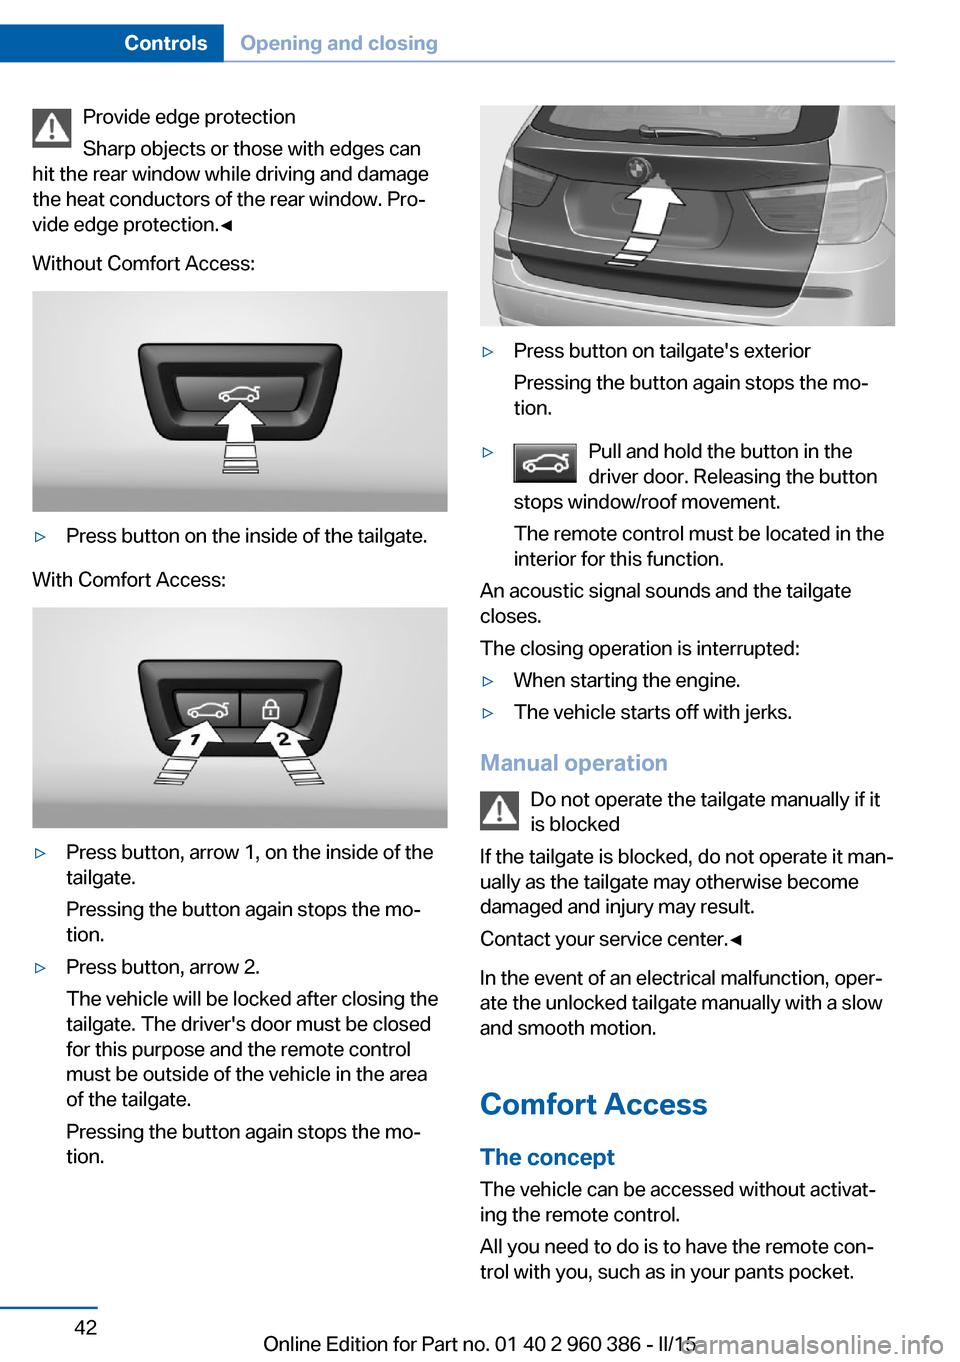 bmw x3 f25 service manual